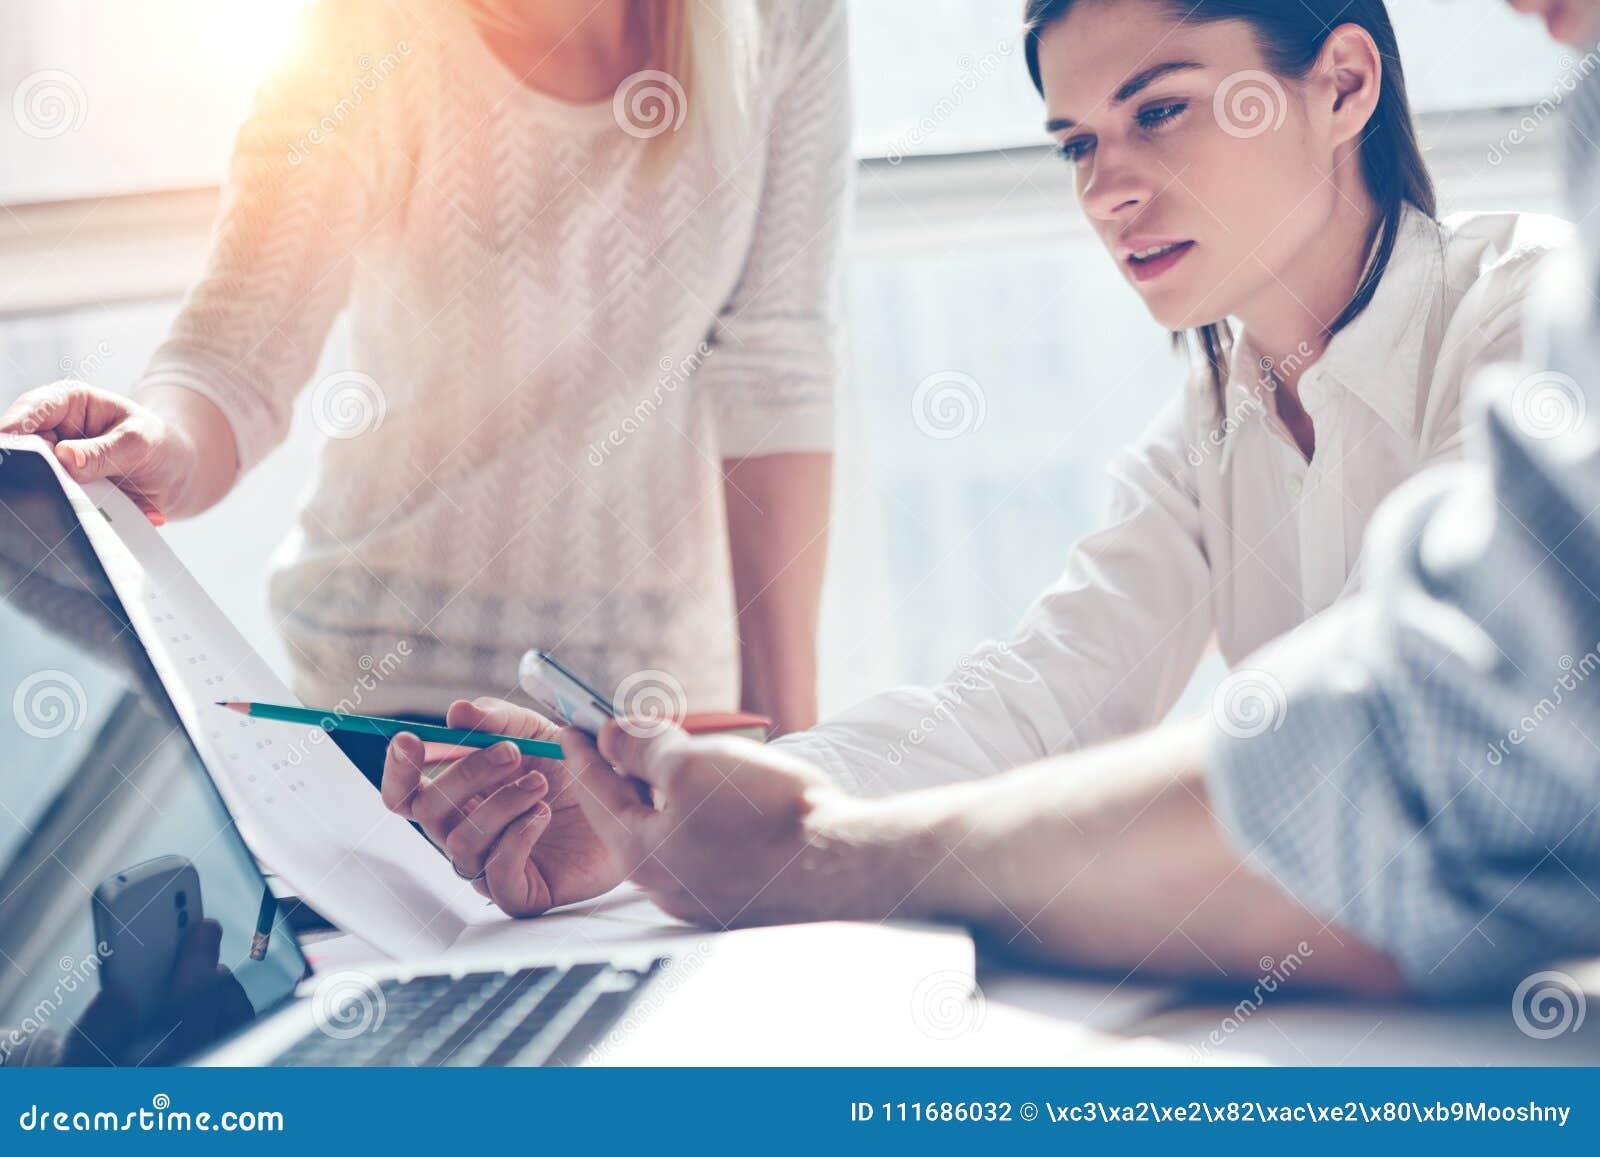 Έρευνα προϊόντων Εμπορική ομάδα στην εργασία Γραφείο σοφιτών ανοιχτού χώρου Lap-top και γραφική εργασία